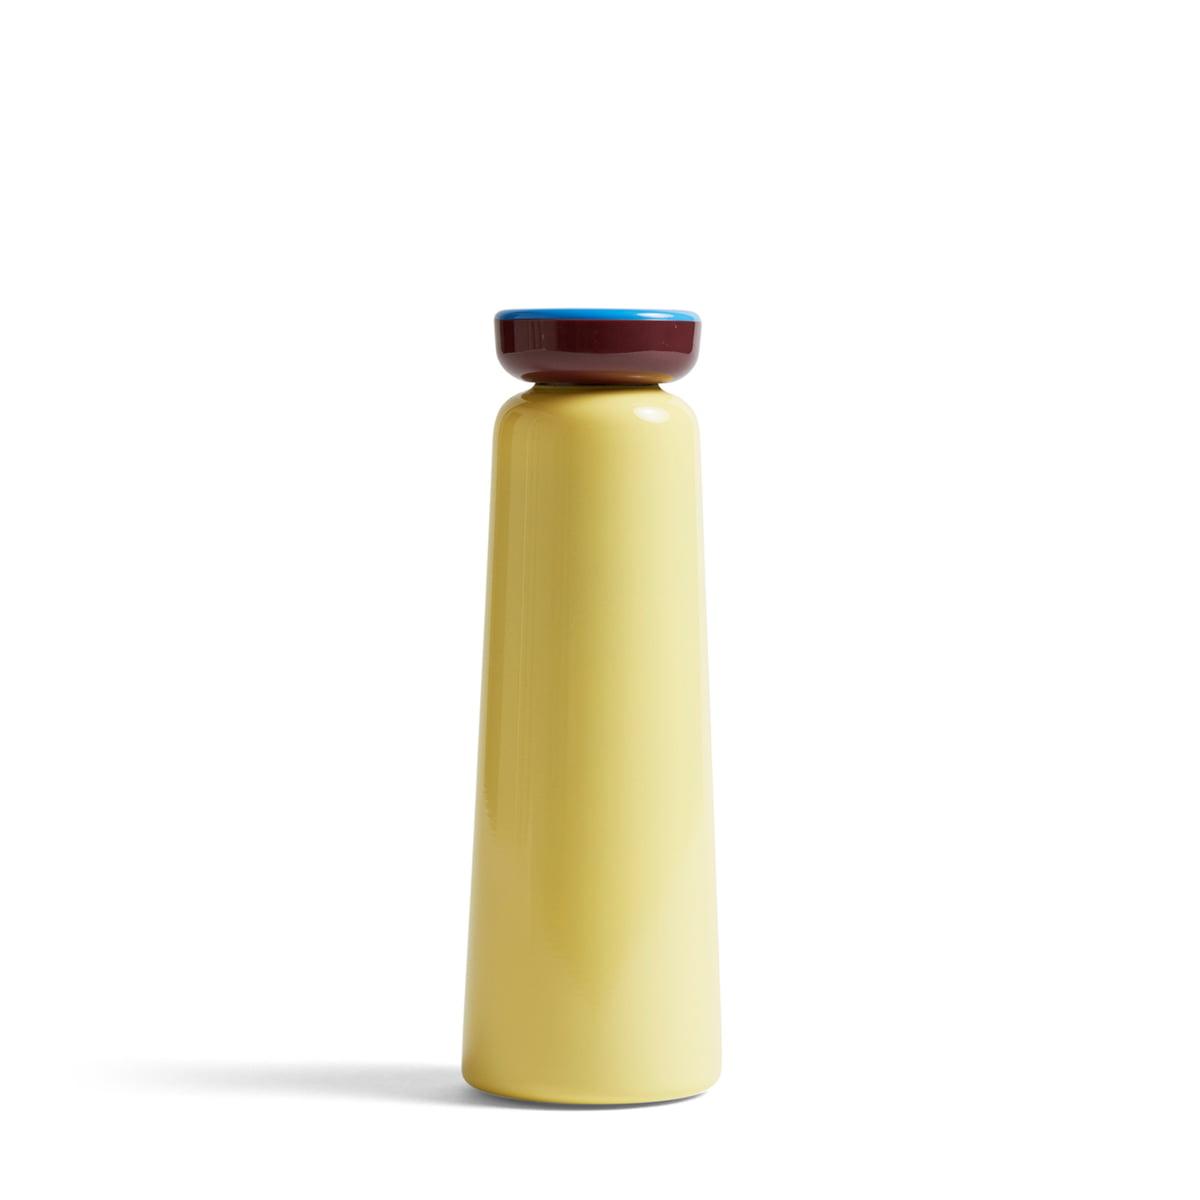 Hay - Sowden Bottle Isolierflasche 0,35 l, hellgelb | Küche und Esszimmer > Besteck und Geschirr > Kannen und Wasserkessel | Hellgelb | Edelstahl -  polypropylen | Hay